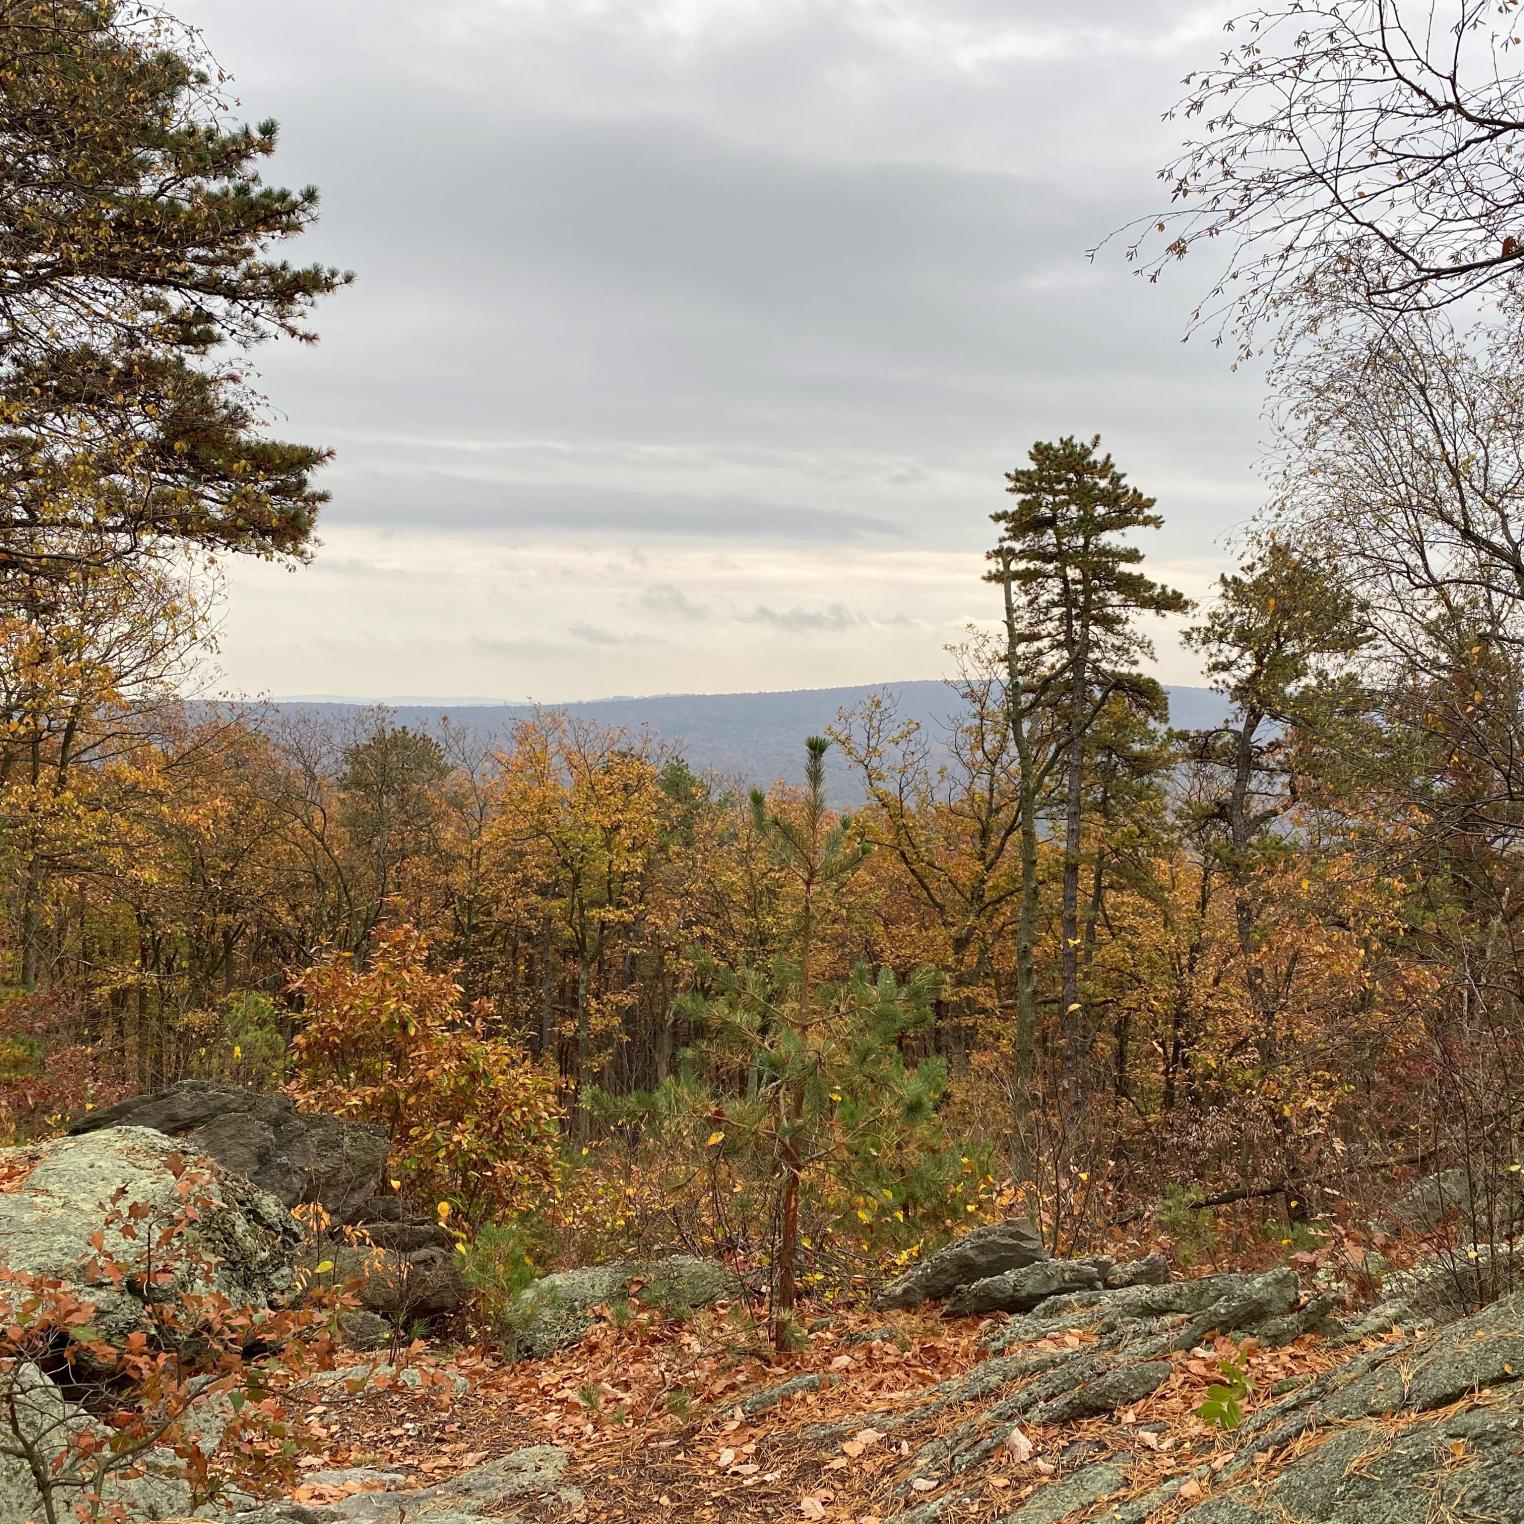 Hamonds Rocks Overview